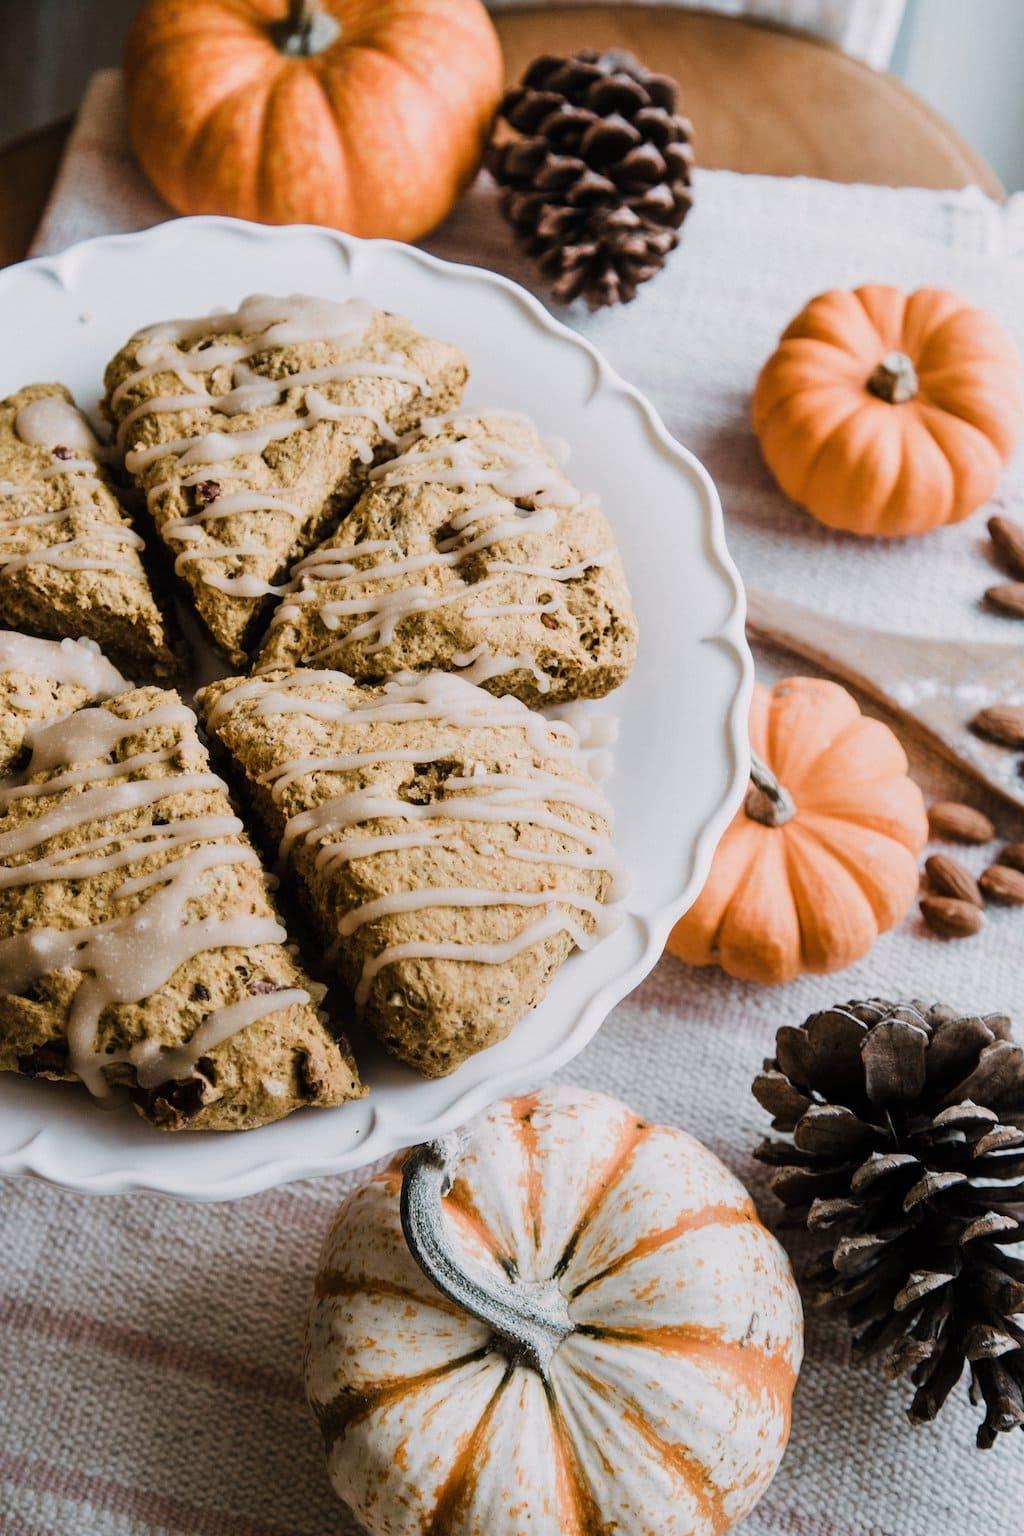 staycation ideas: bake fall sweet treats